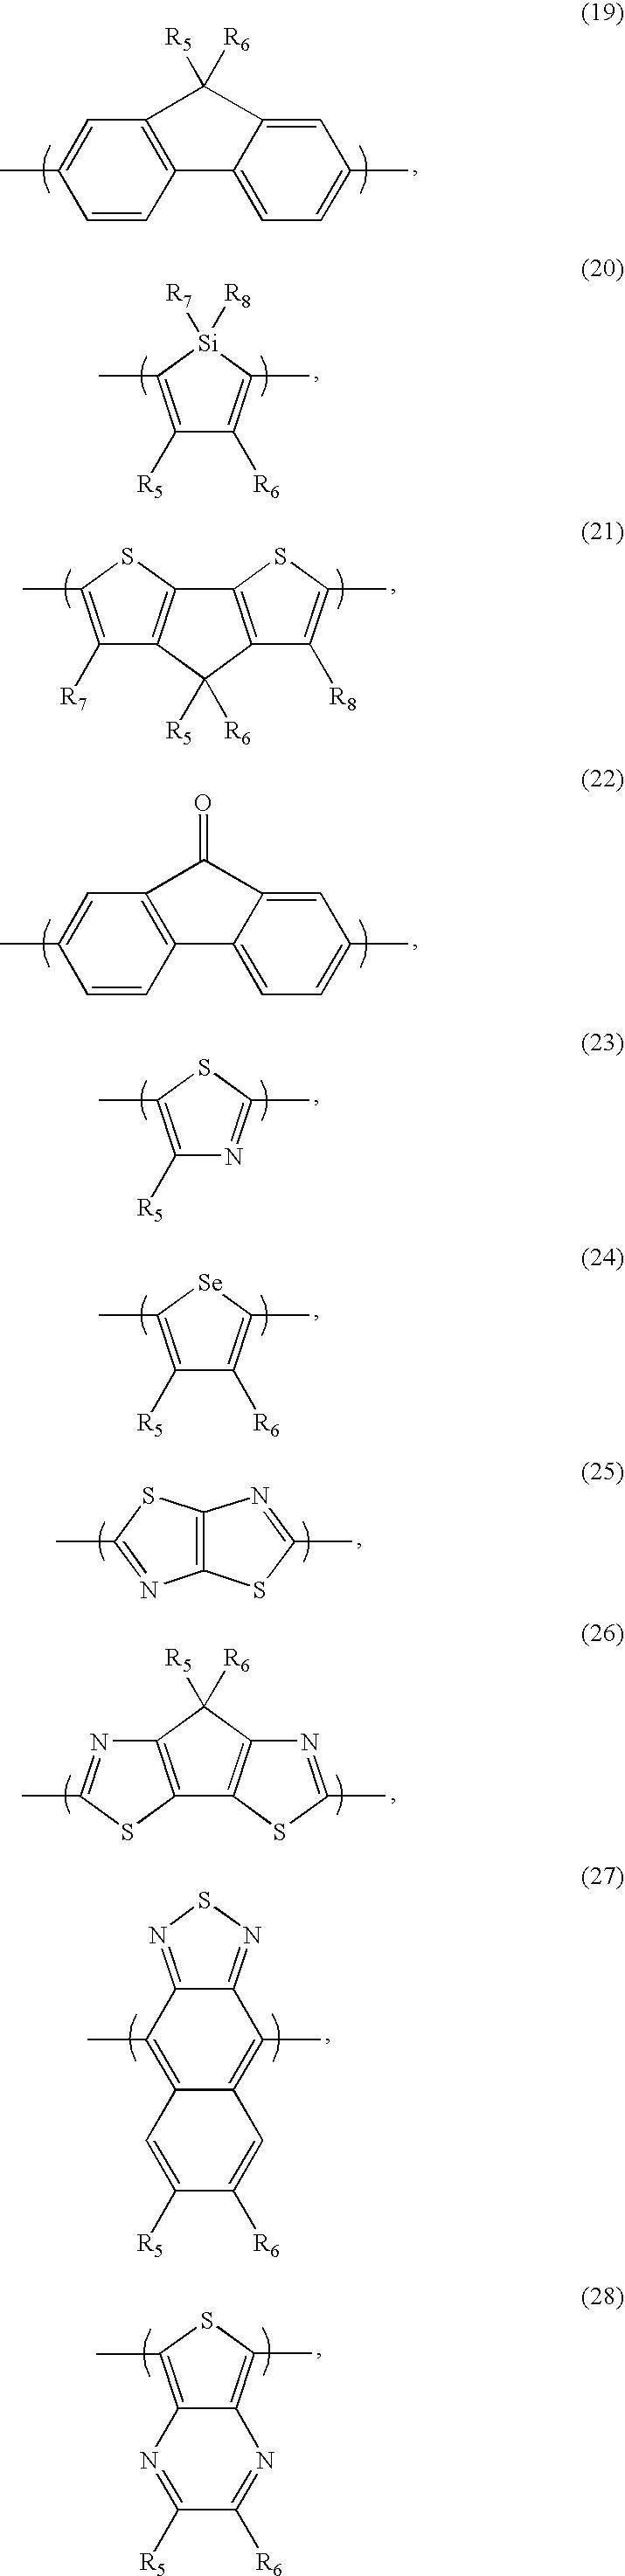 Figure US20070246094A1-20071025-C00004